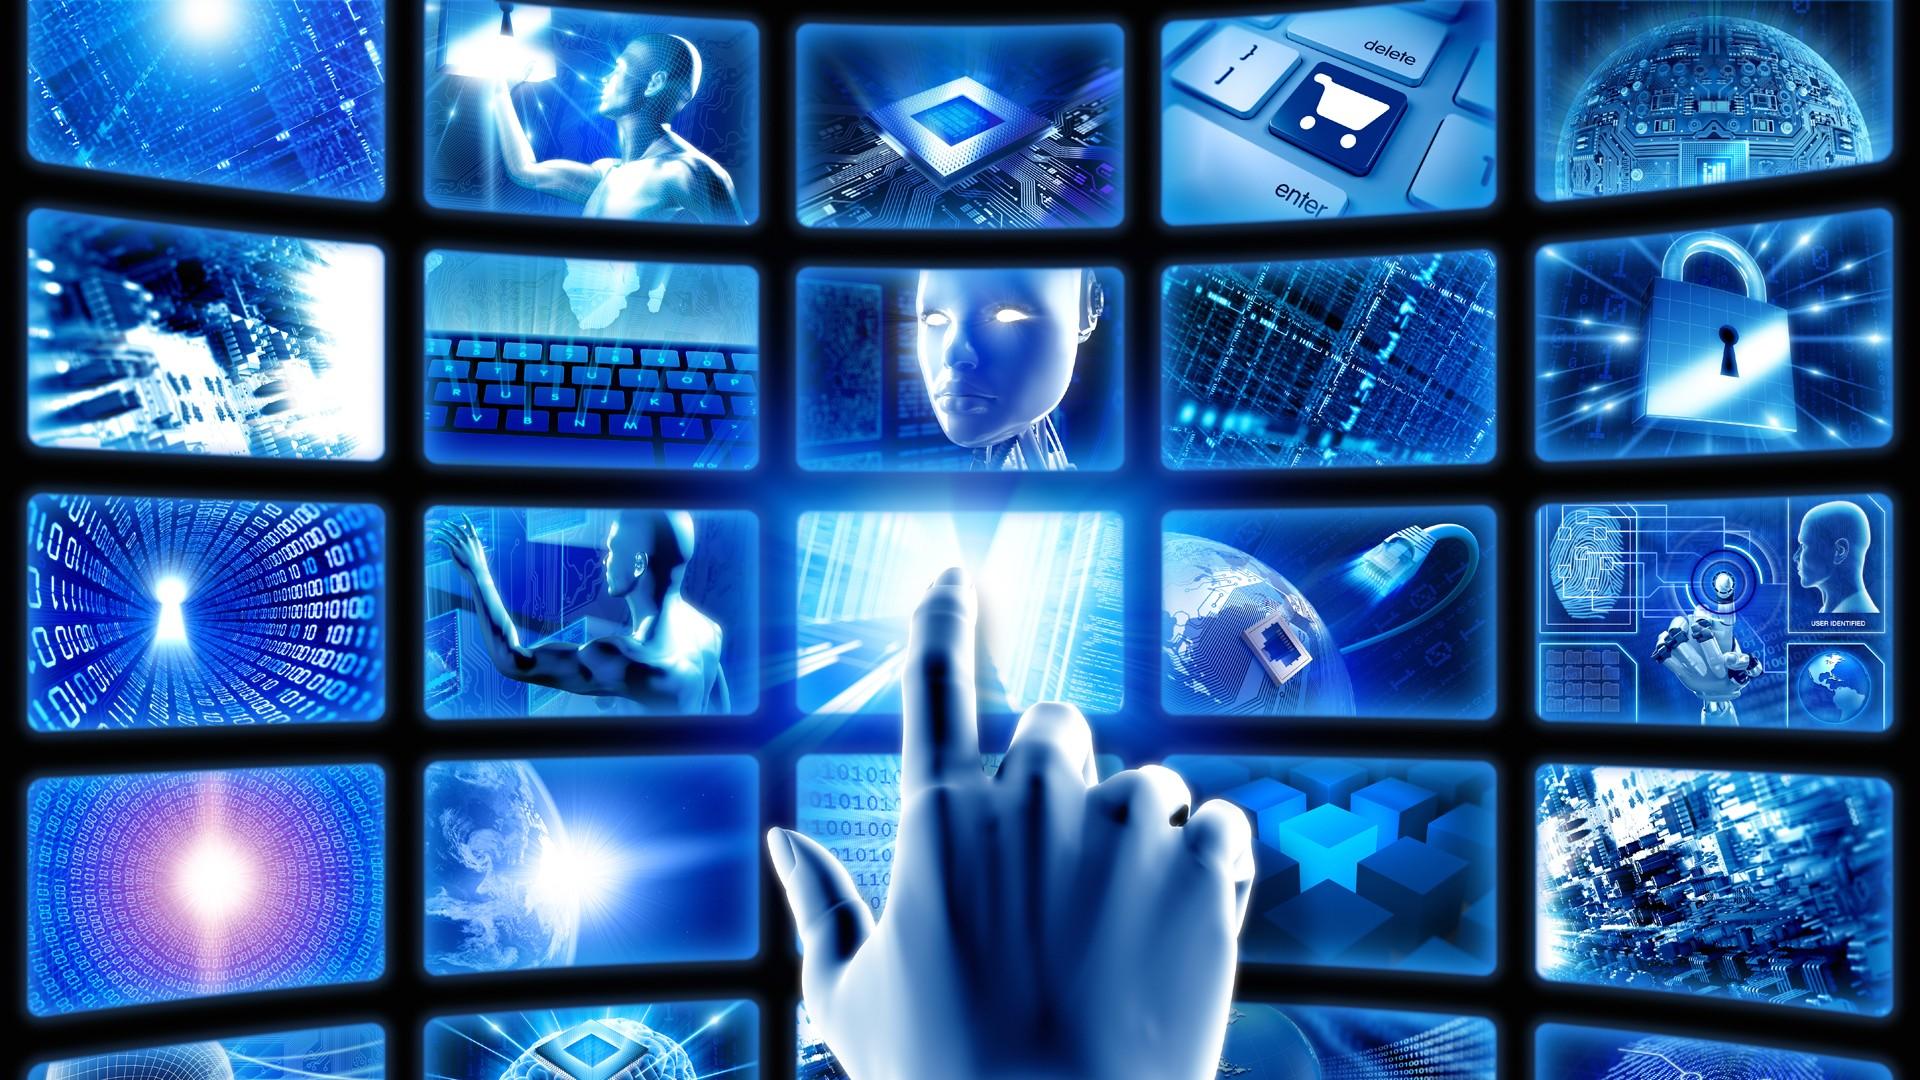 000 videovigilancia camaras seguridad  (1)